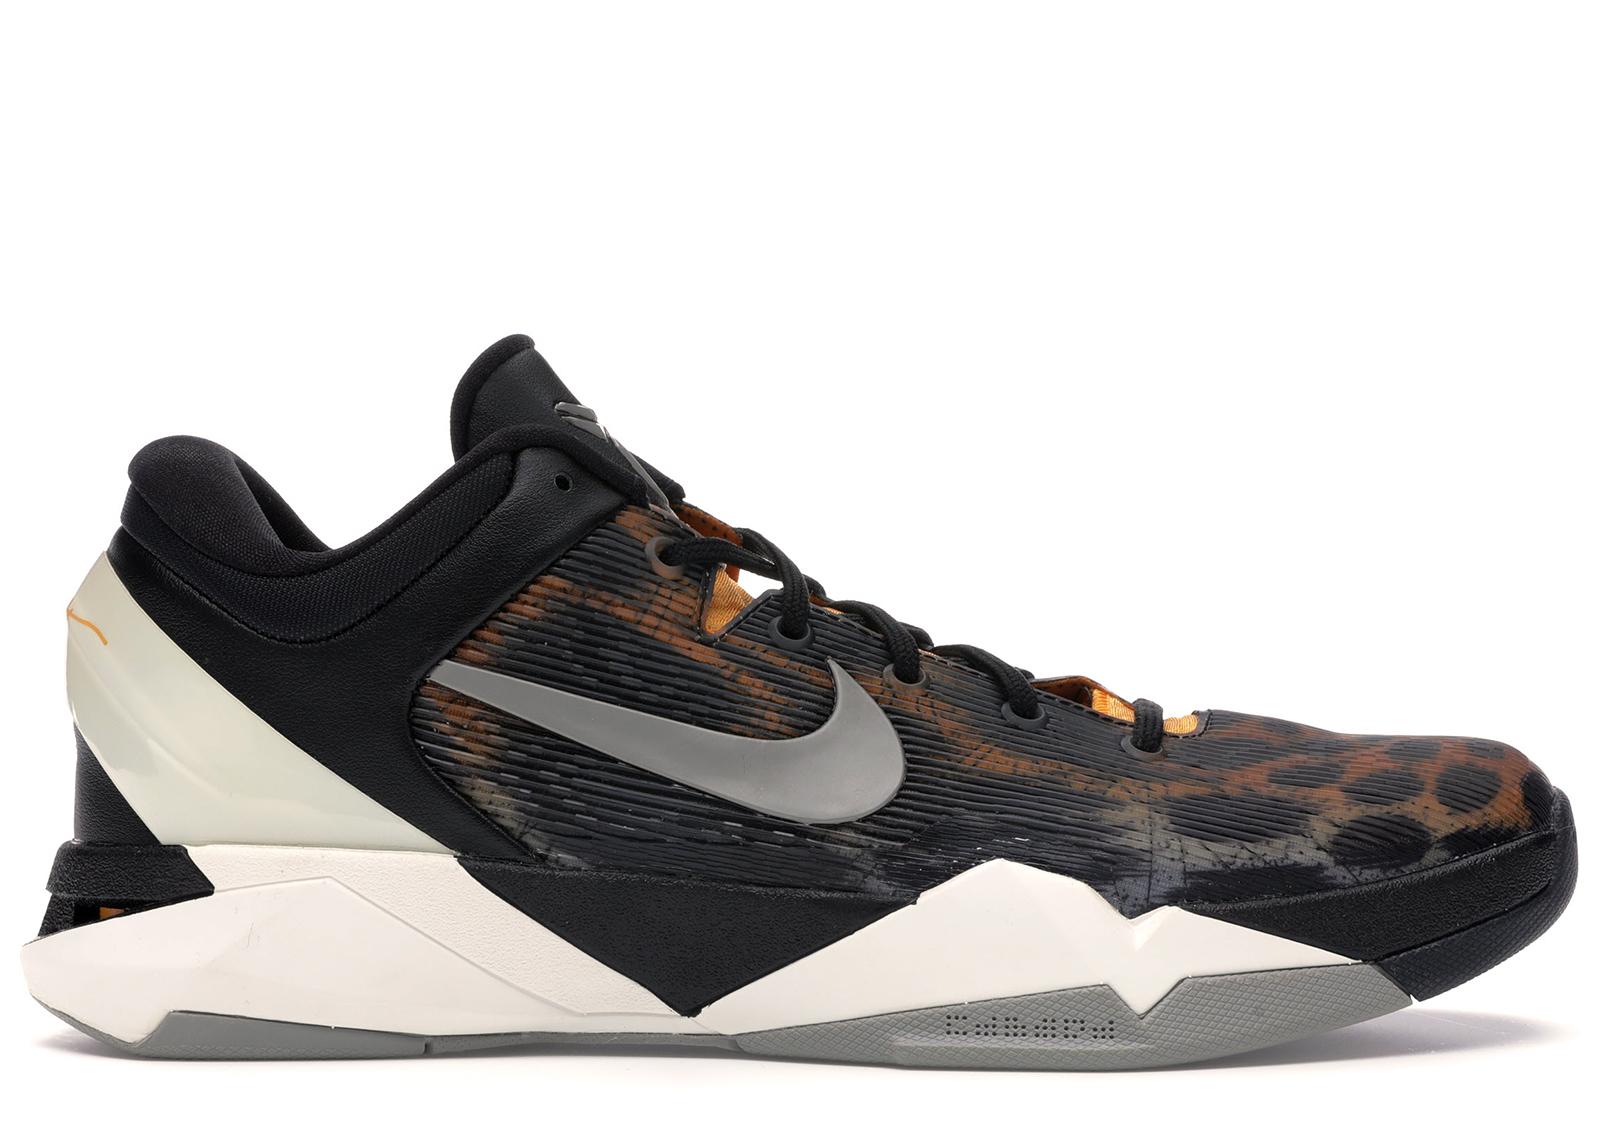 Nike Kobe 7 Cheetah - 488371-800